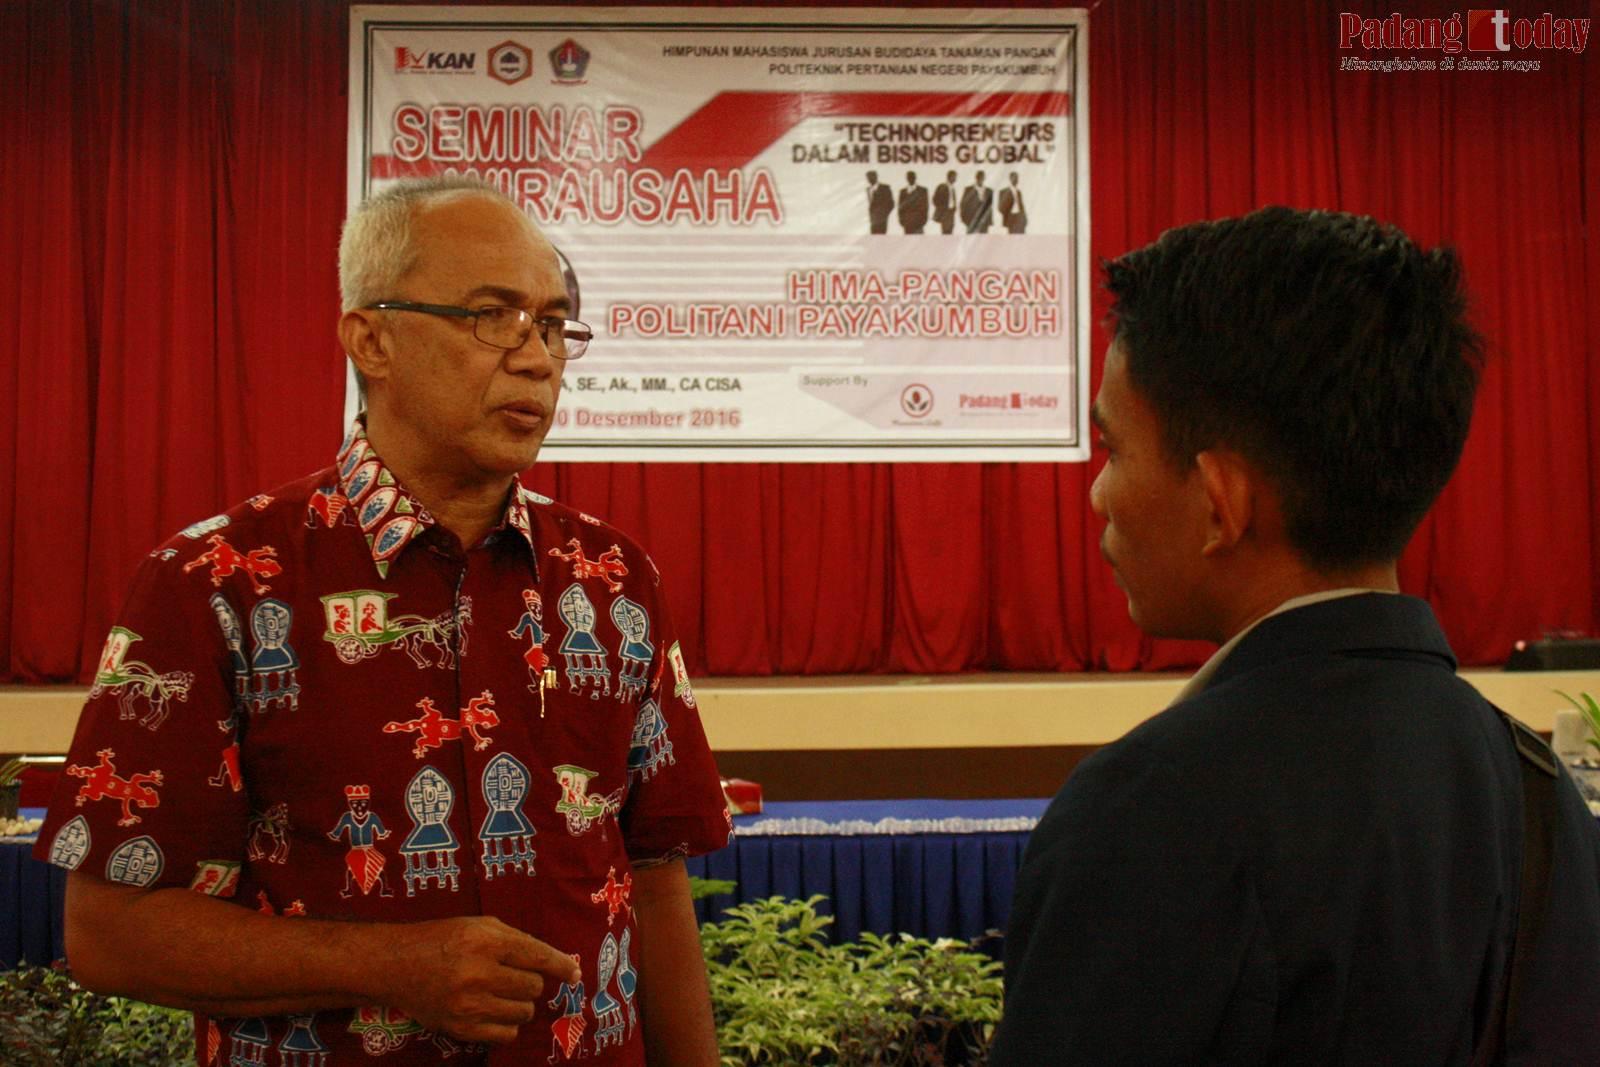 Dr. H. Kasman Arifin ZA berdiskusi dengan salah satu peserta seminar.